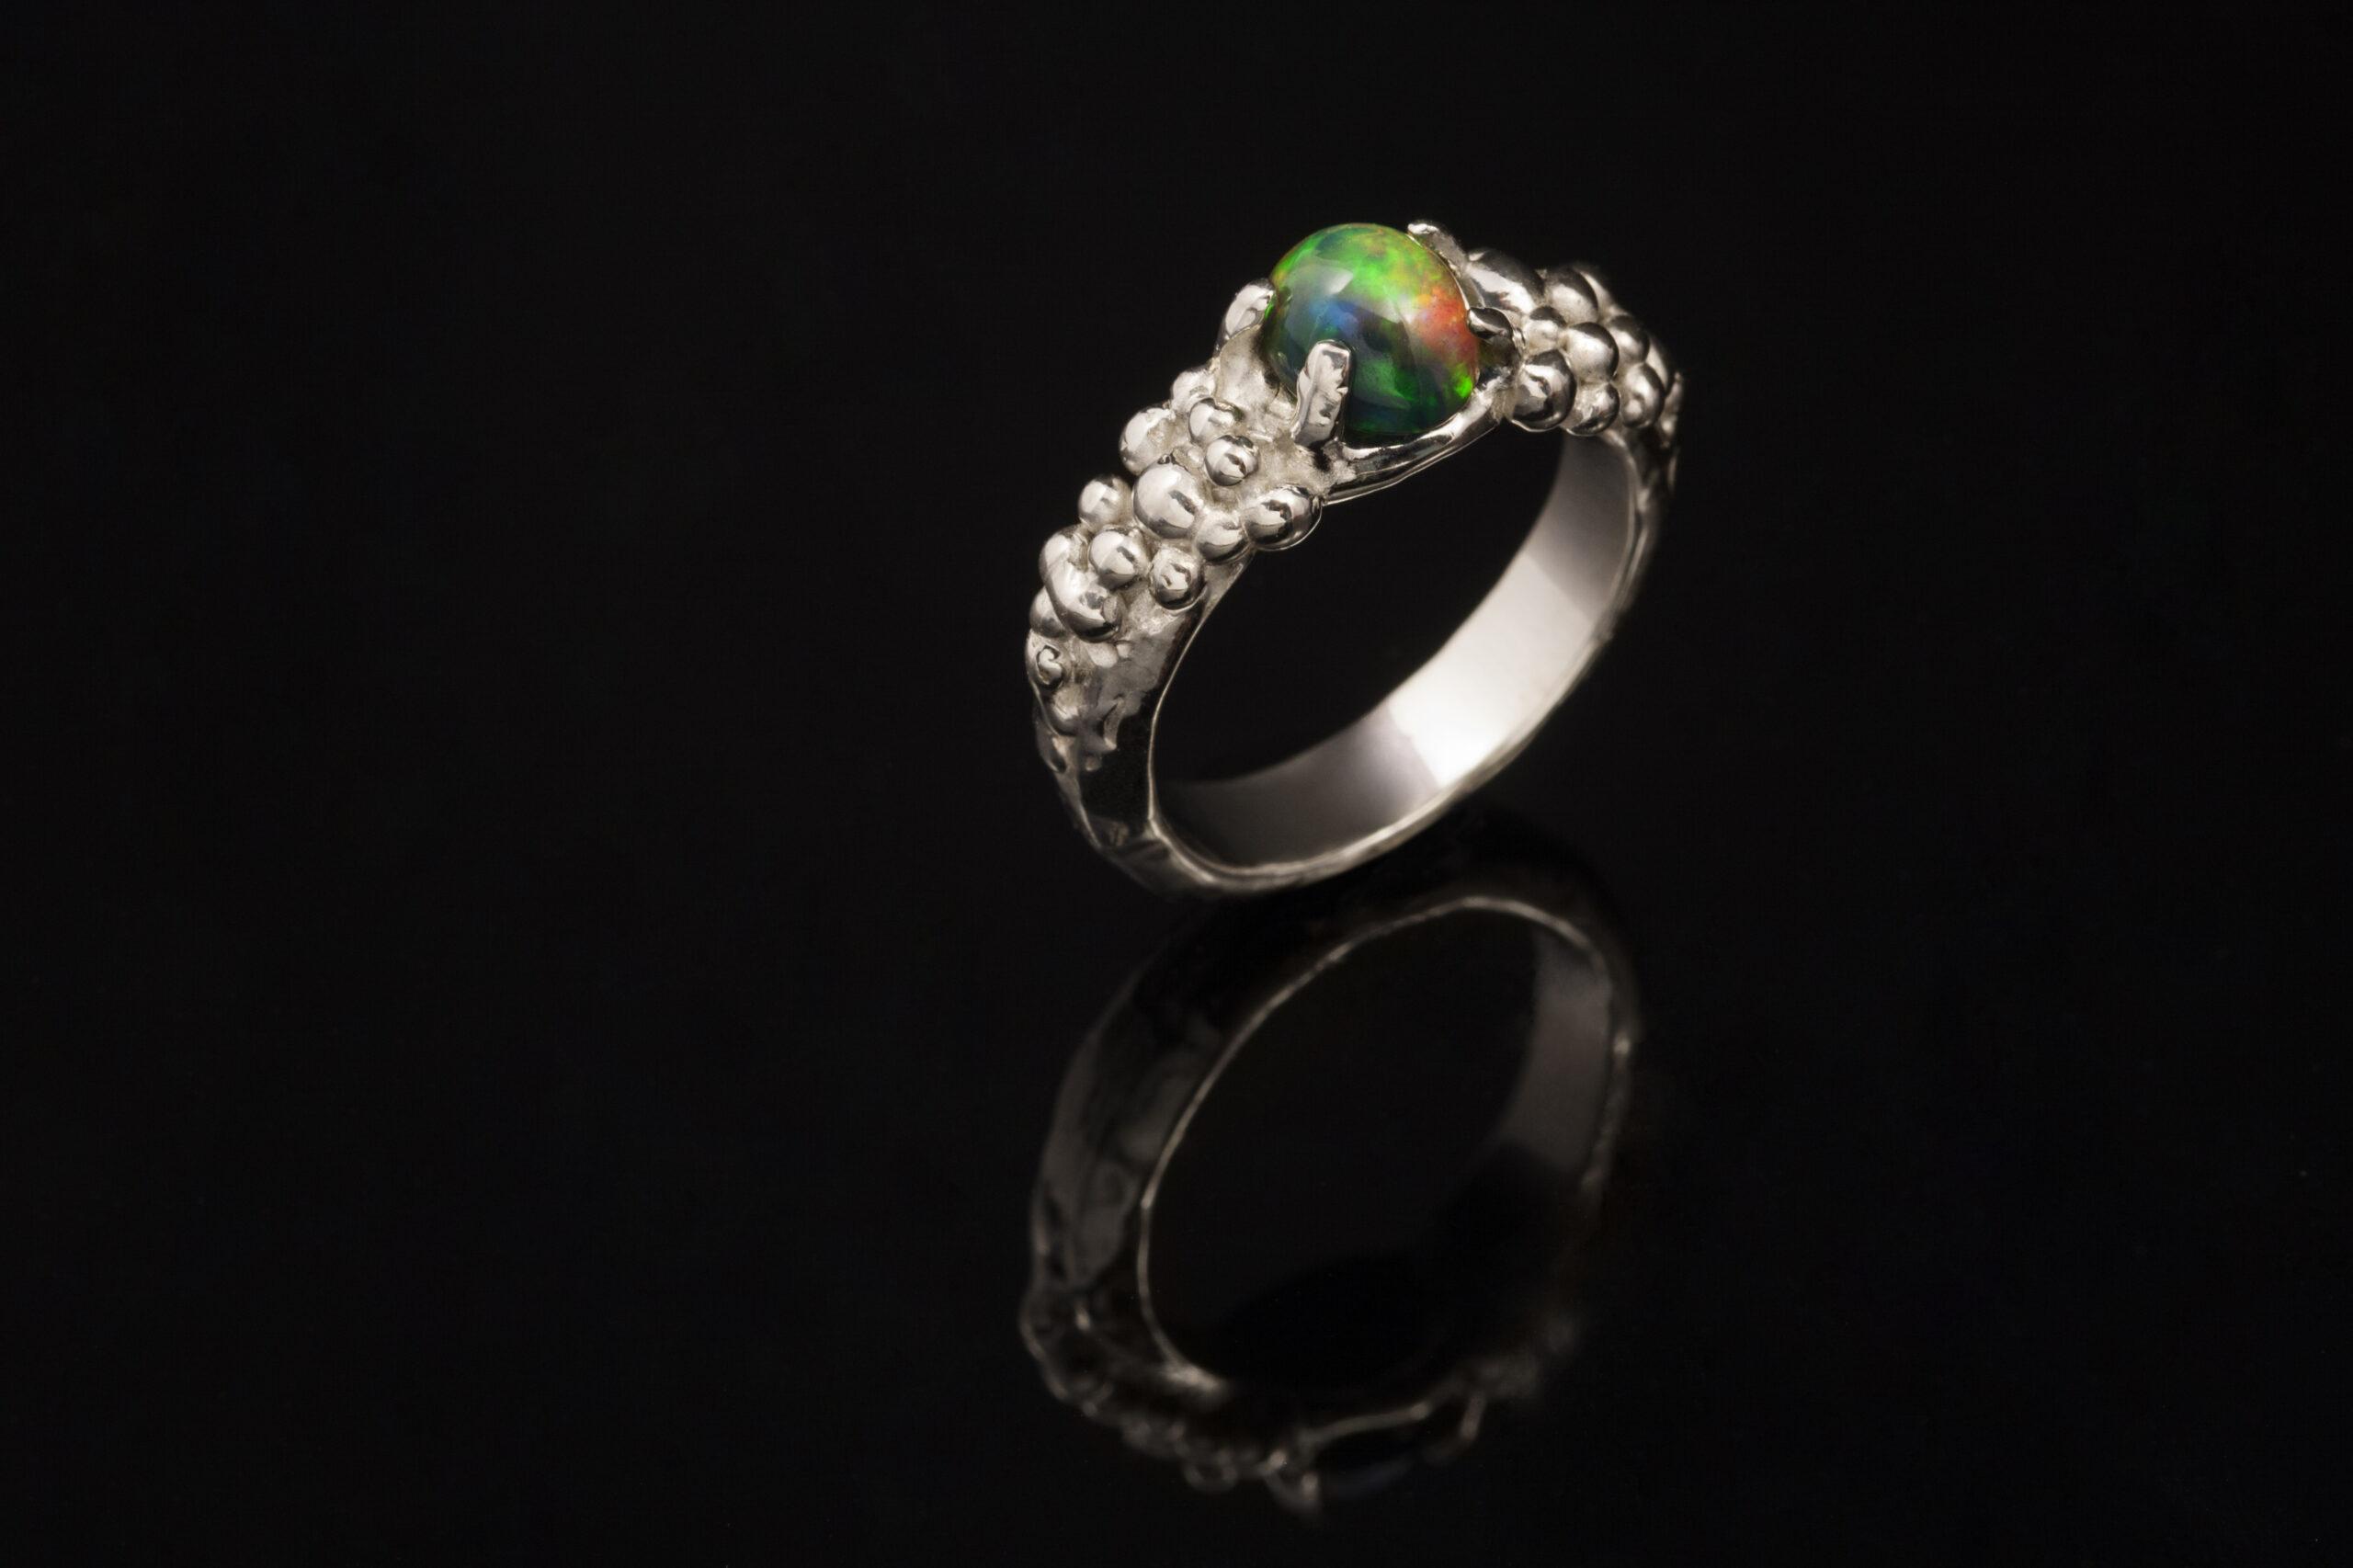 Auksinis sužadėtuvių žiedas su opalu.